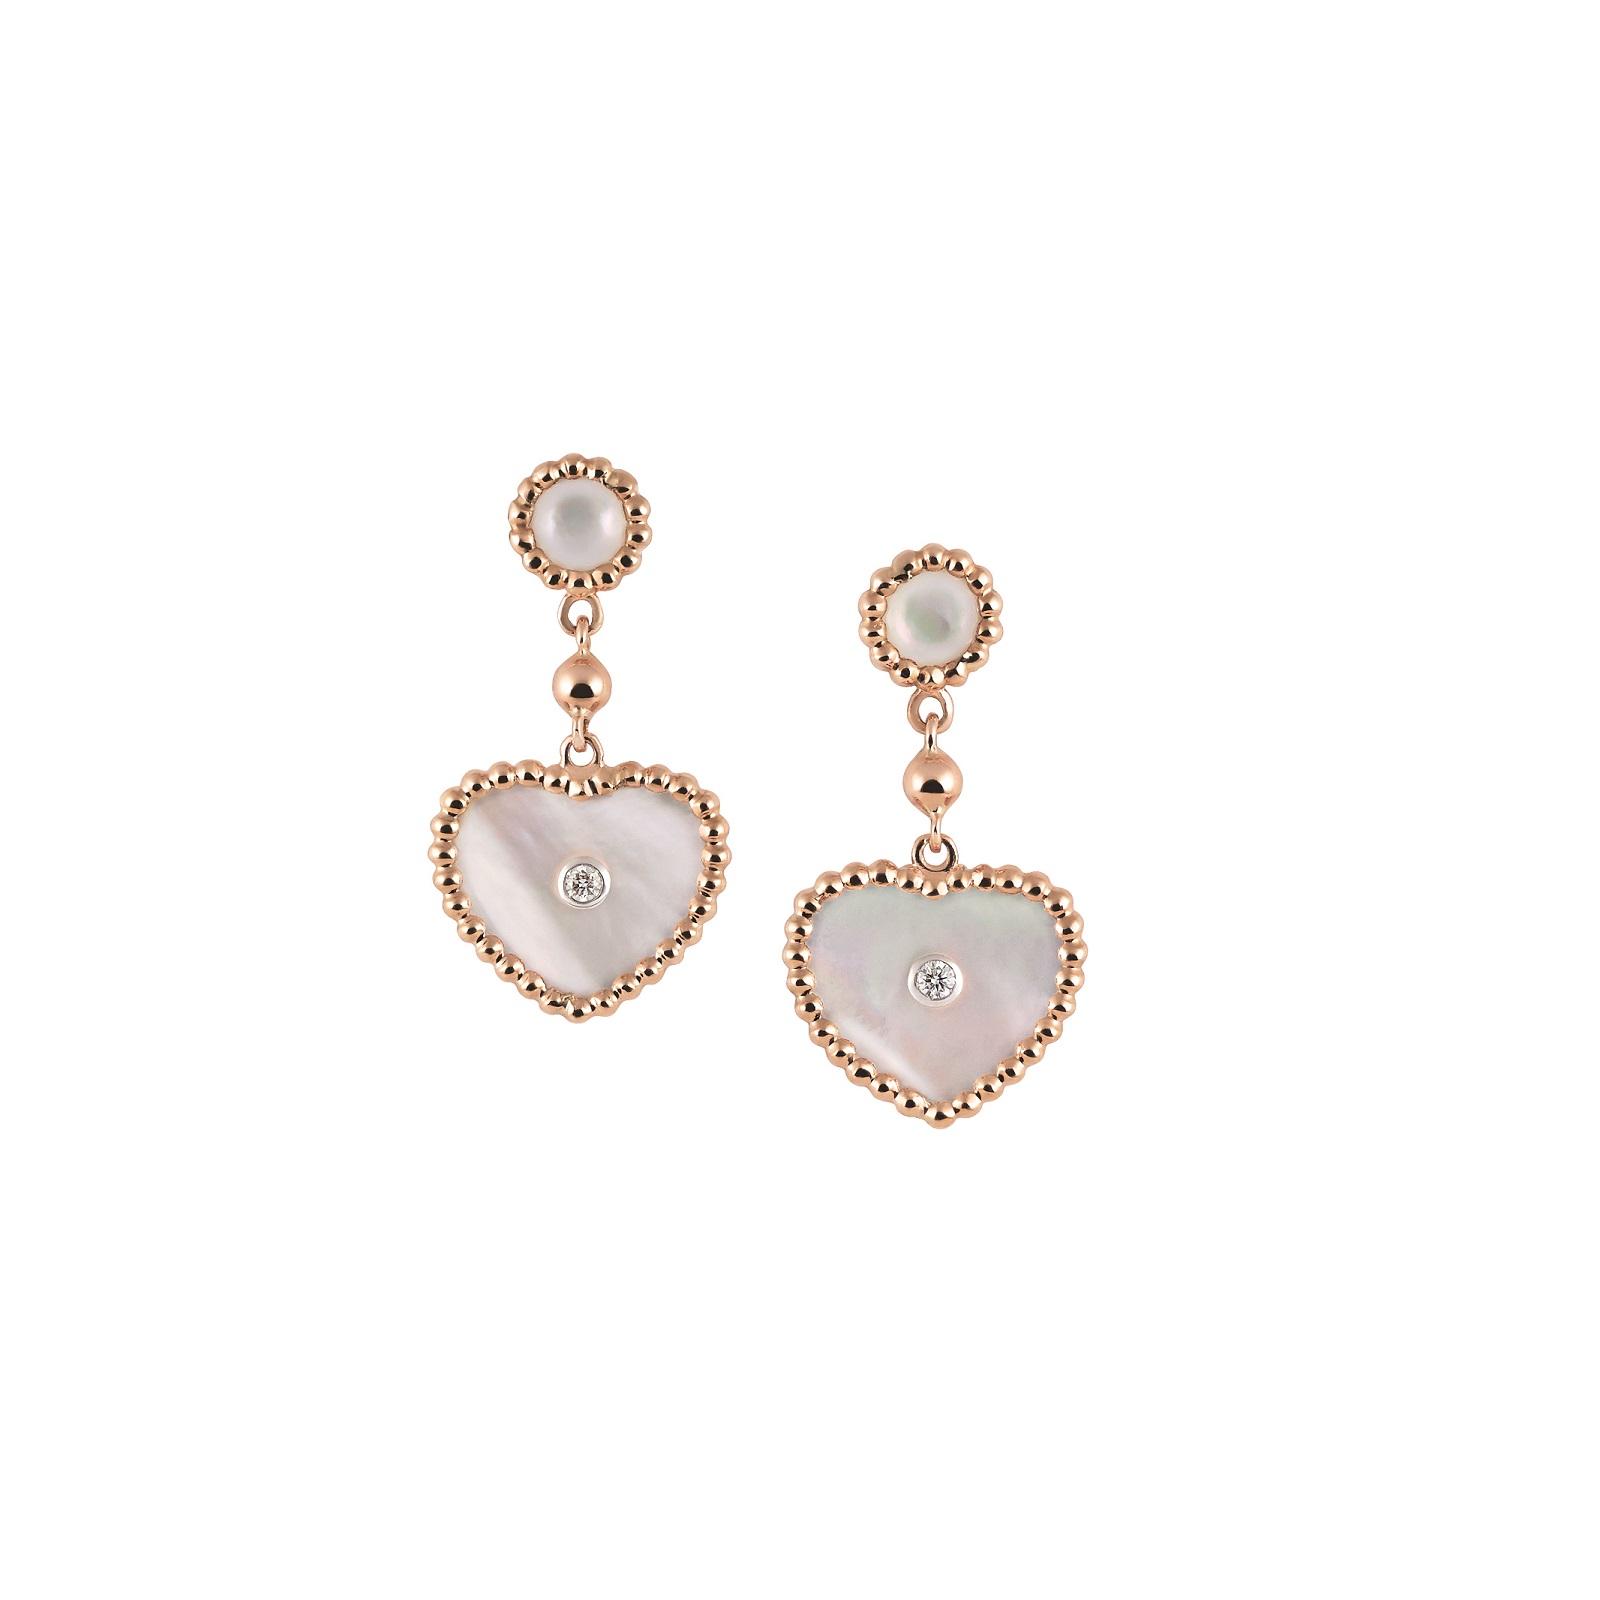 Ohrschmuck Palladio aus Roségold mit Diamanten und Perlmutt